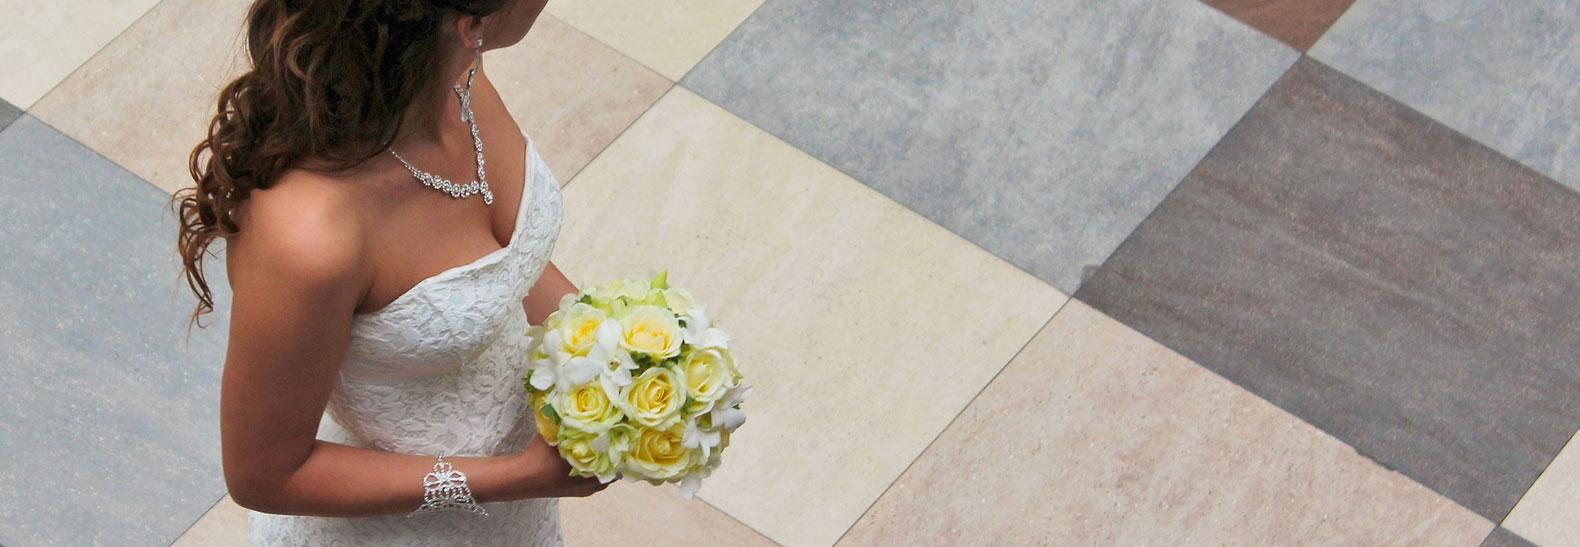 come sposarsi al comune